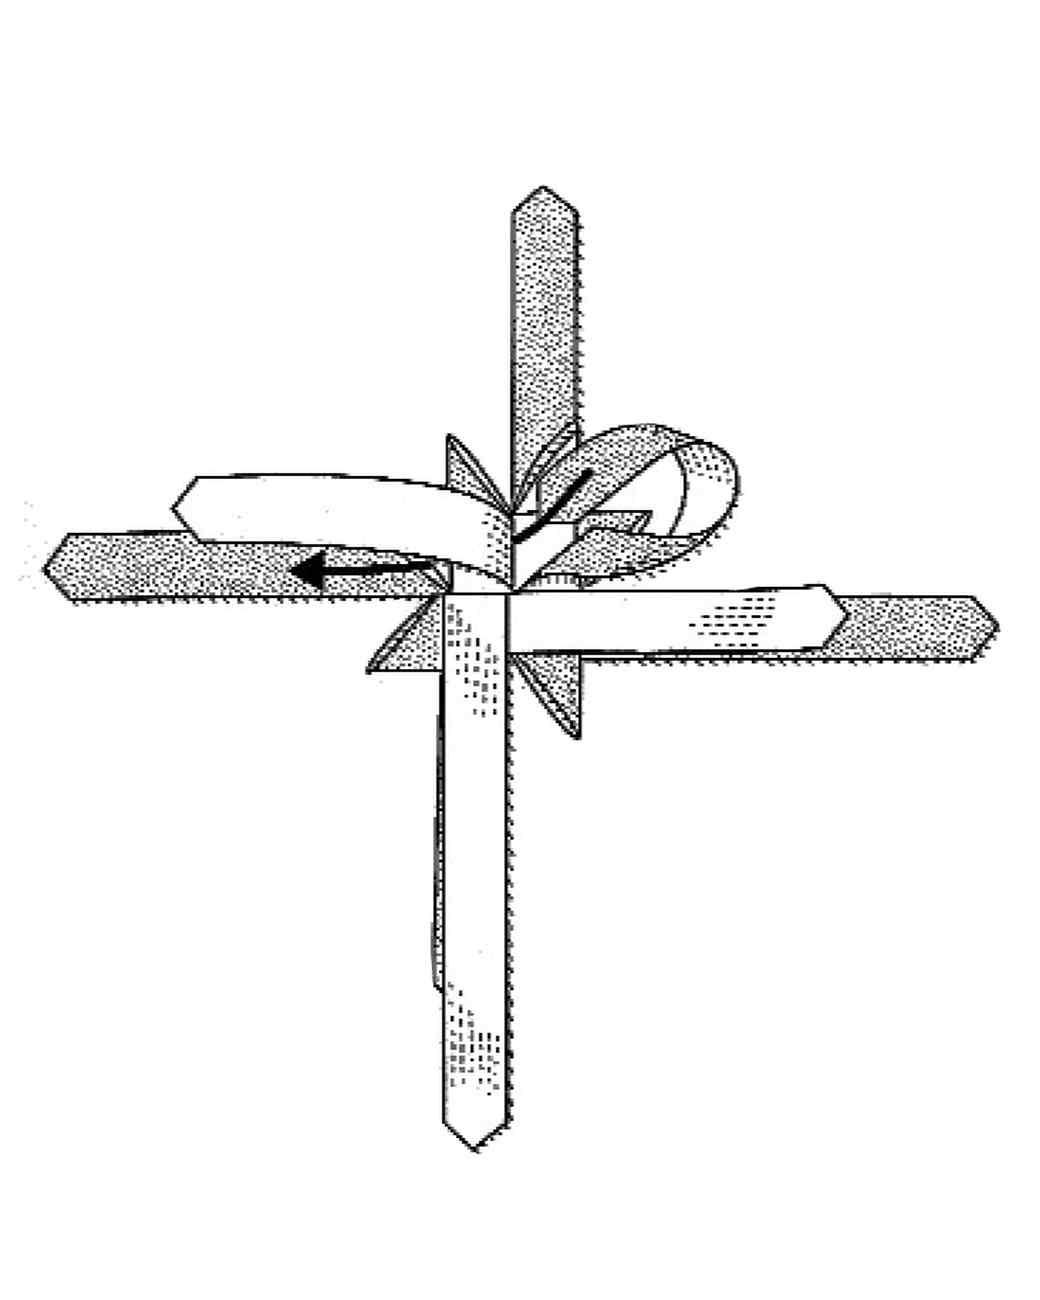 msl_1210_paper_star_ht15.jpg